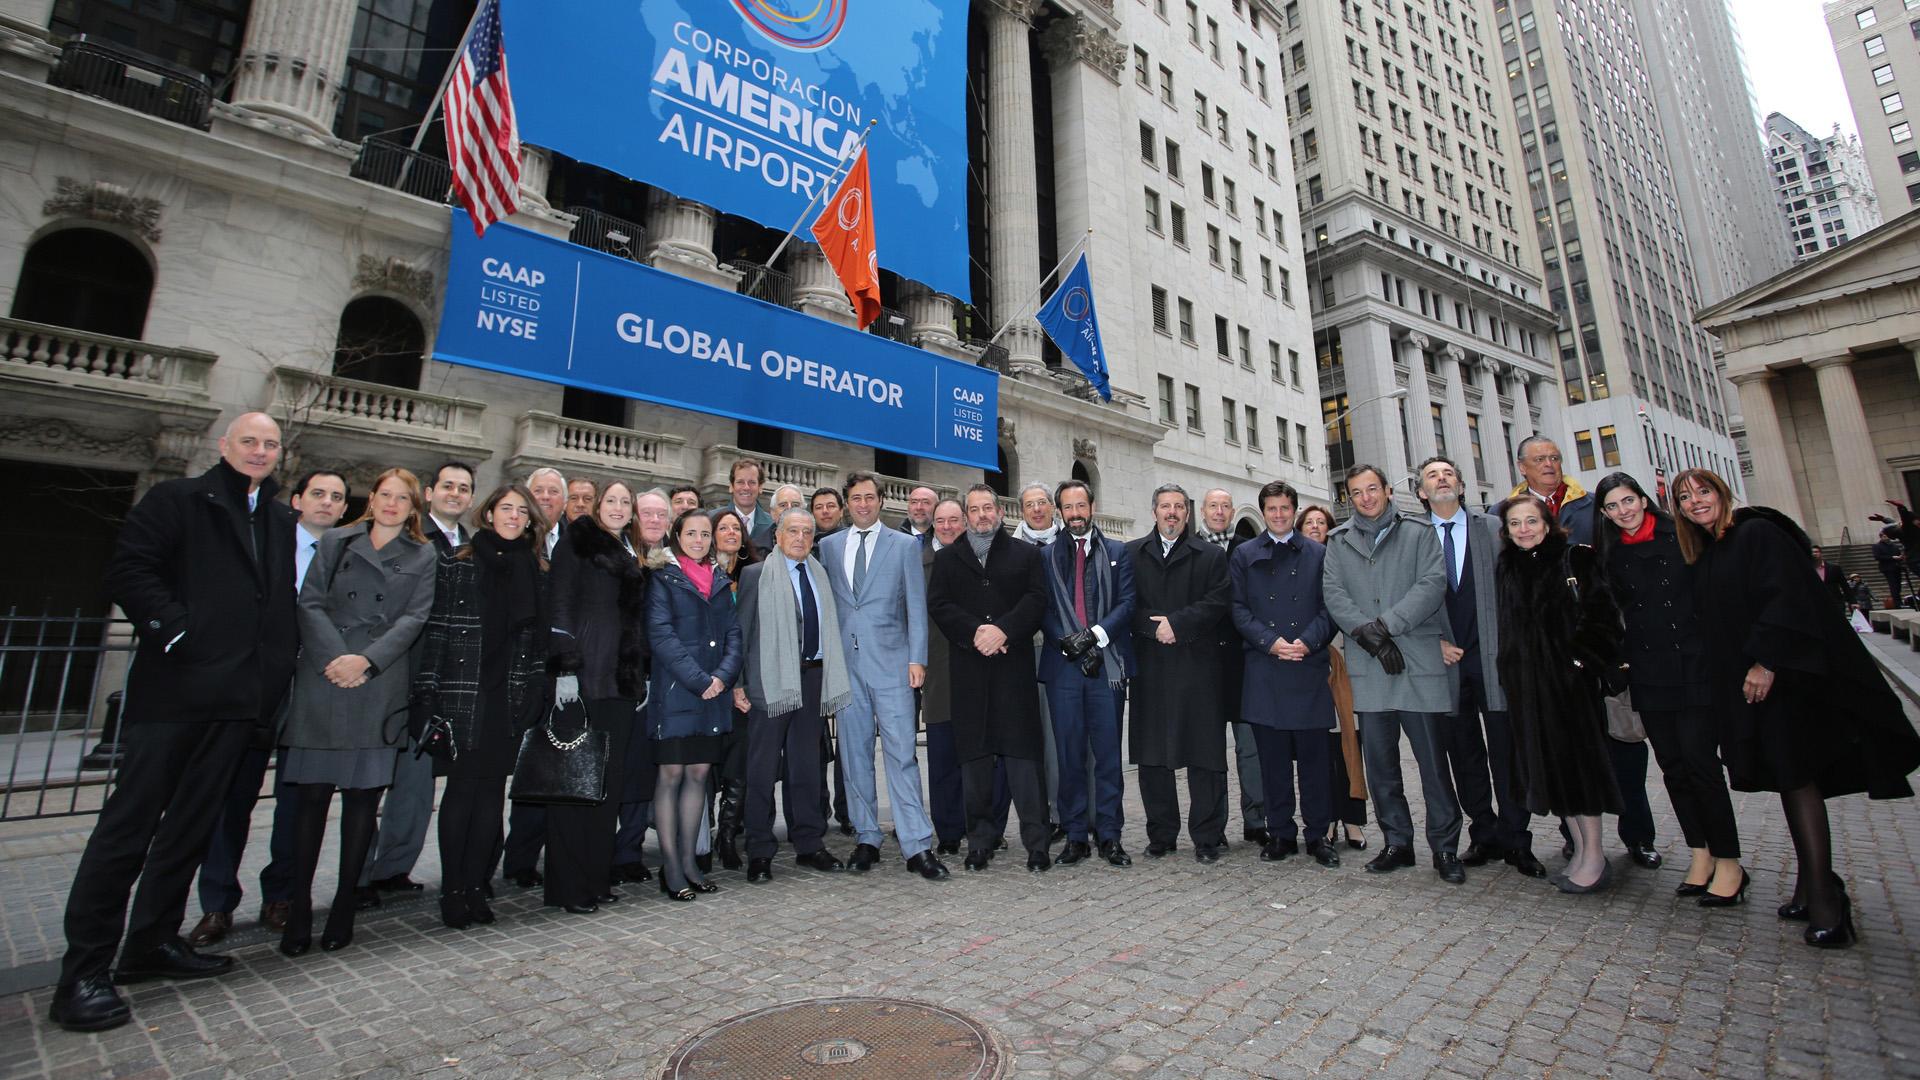 Eduardo Eurnekian y la comitiva de Corporación America Airports.